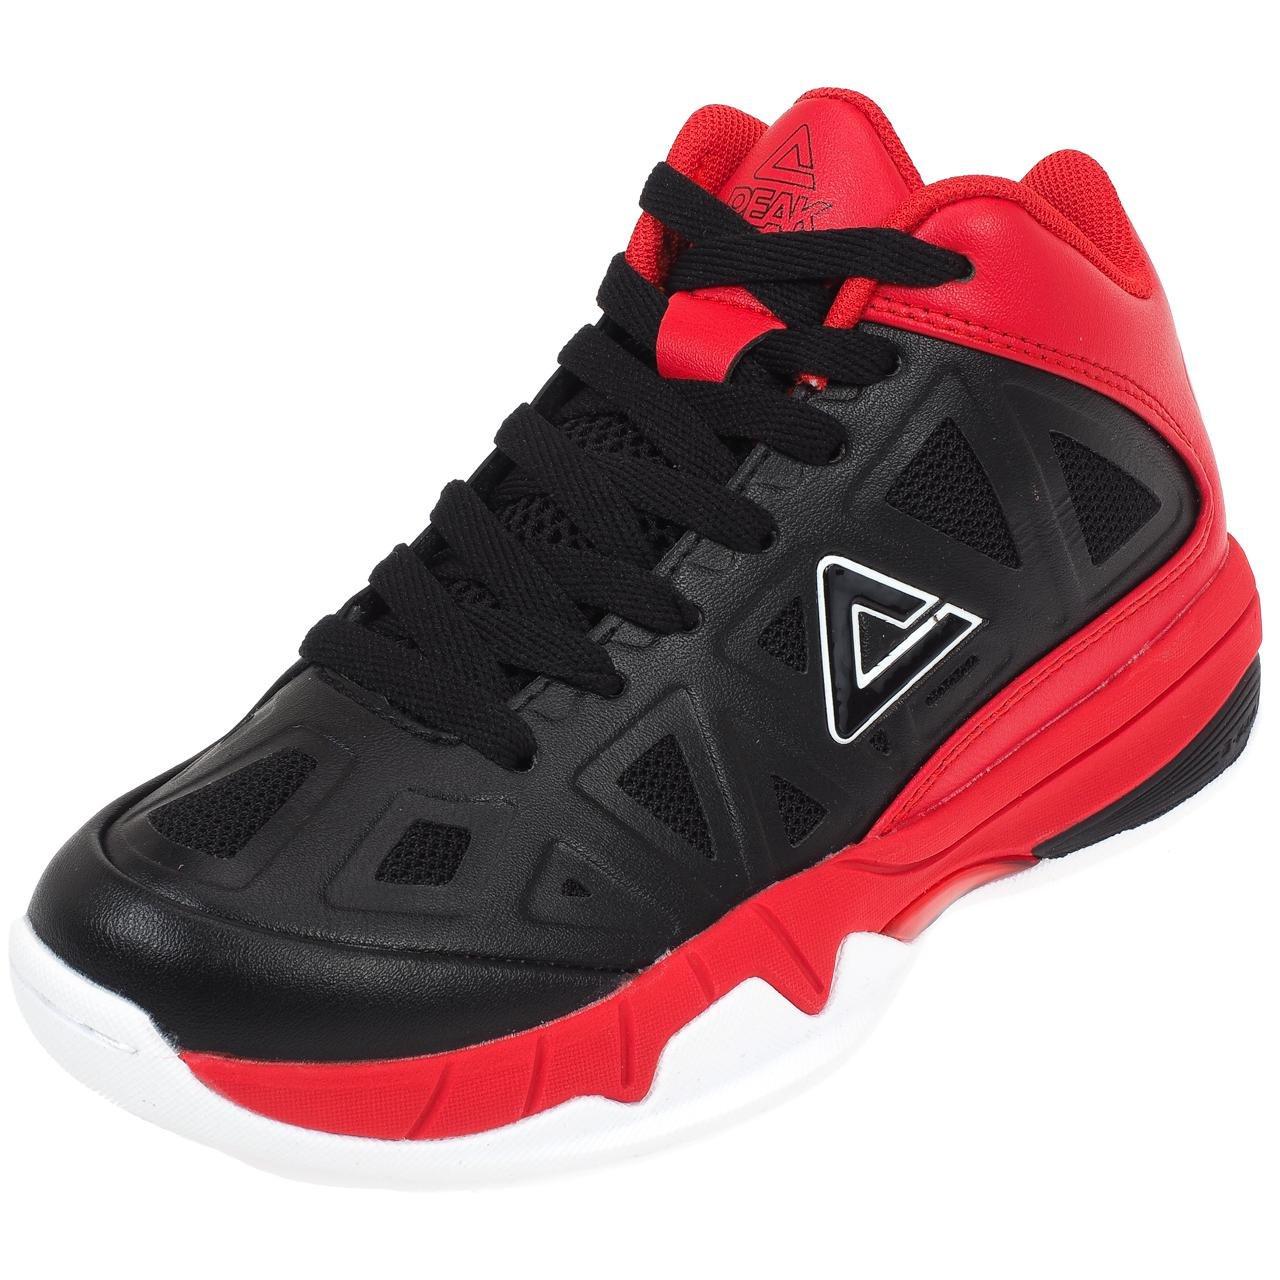 Peak - Zapatillas de Baloncesto para niño